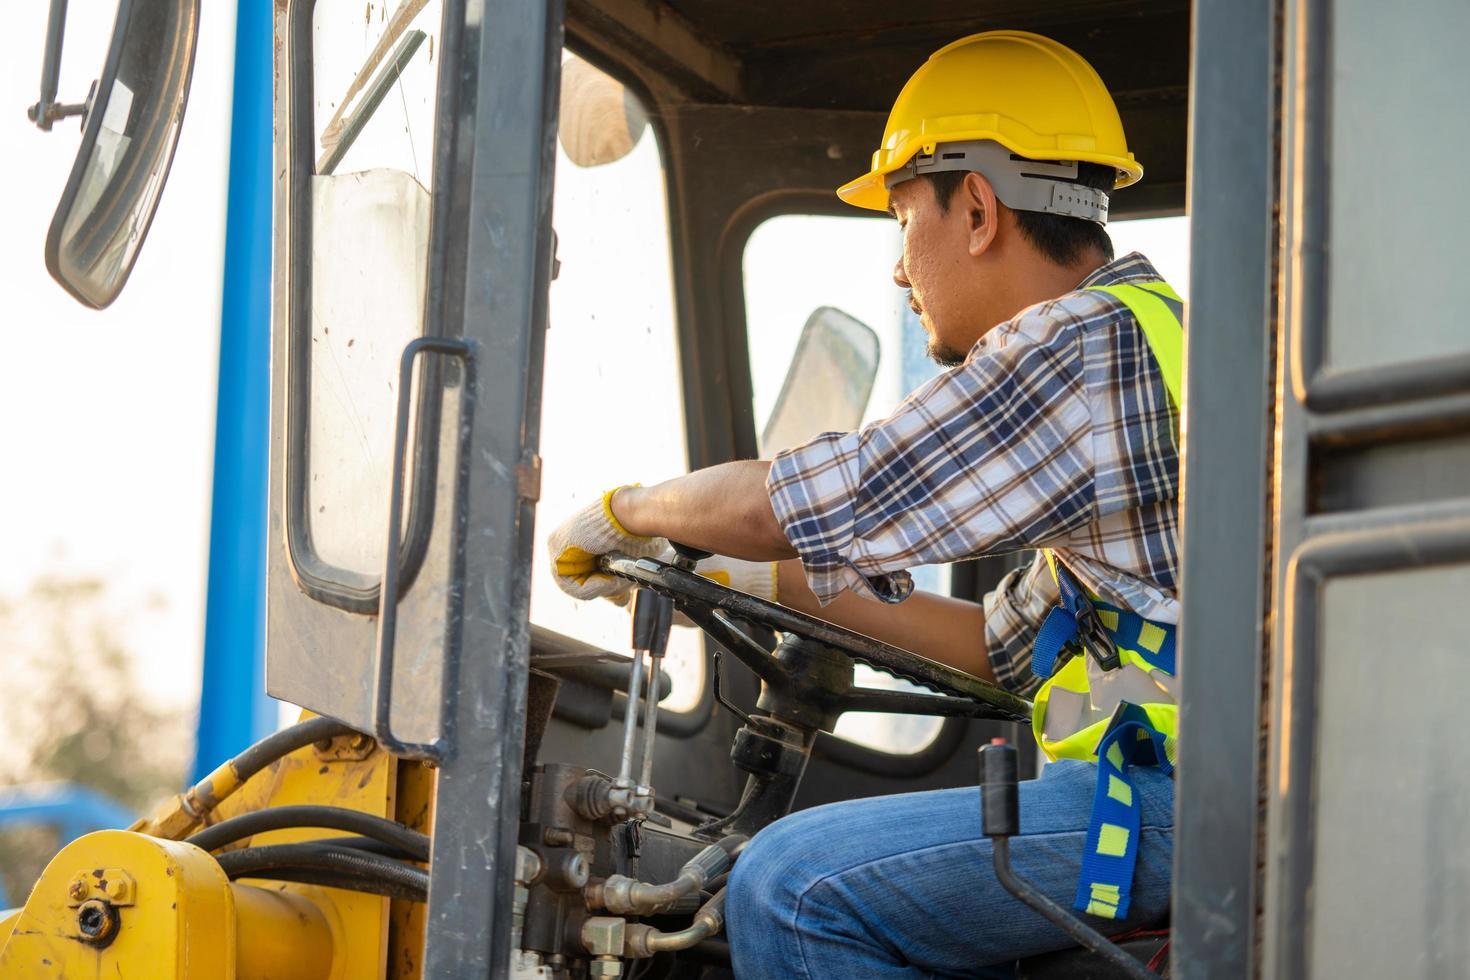 Construction worker driving backhoe loader photo